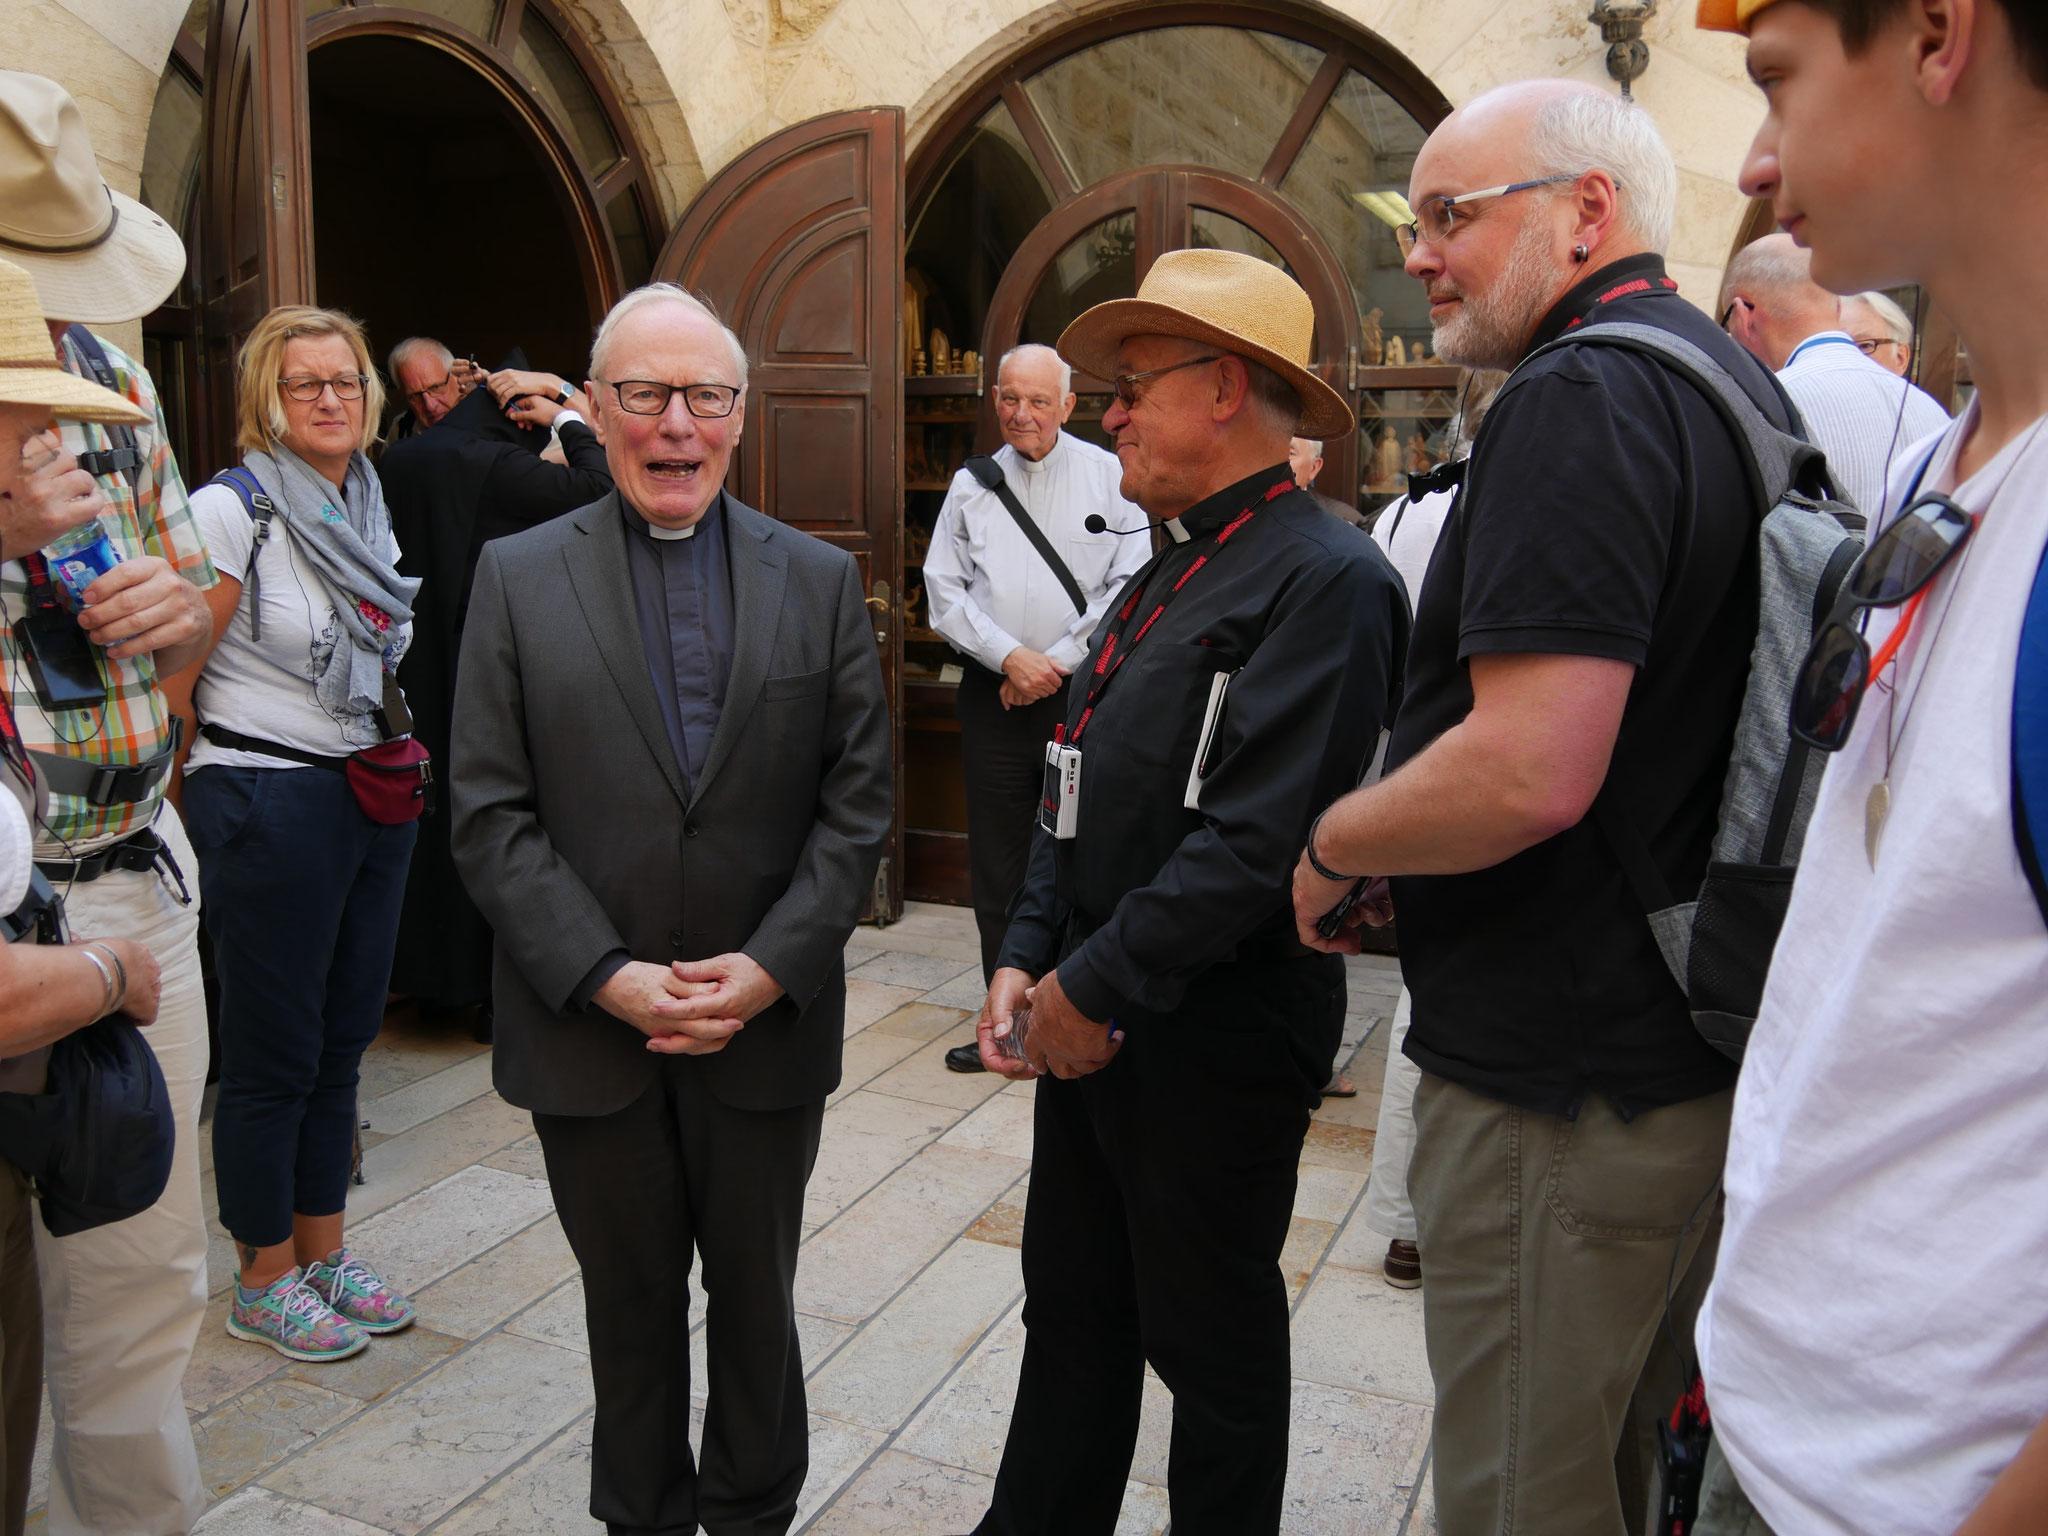 Hier treffen wir em. Erzbischof Werner Thissen aus Hamburg